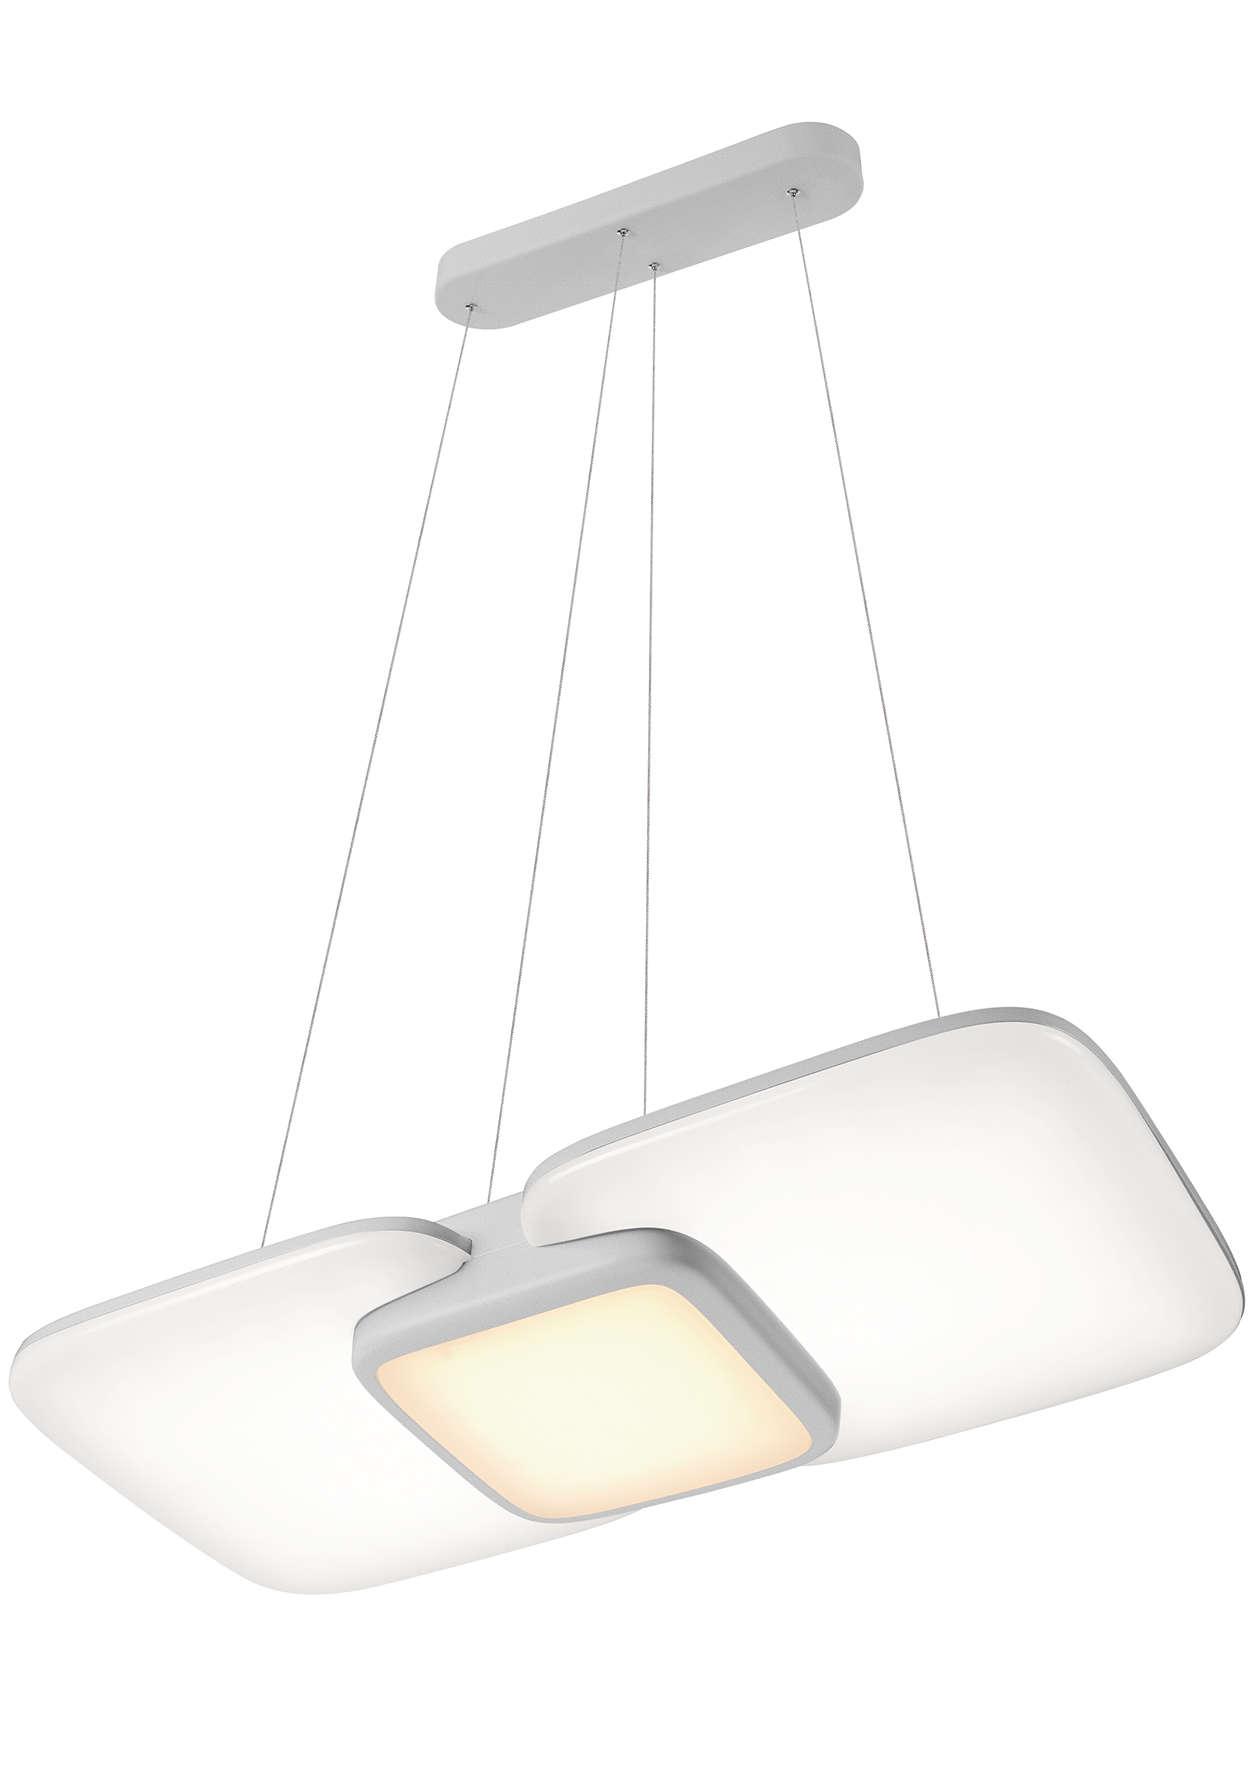 Качественные световые решения для уютной атмосферы в доме